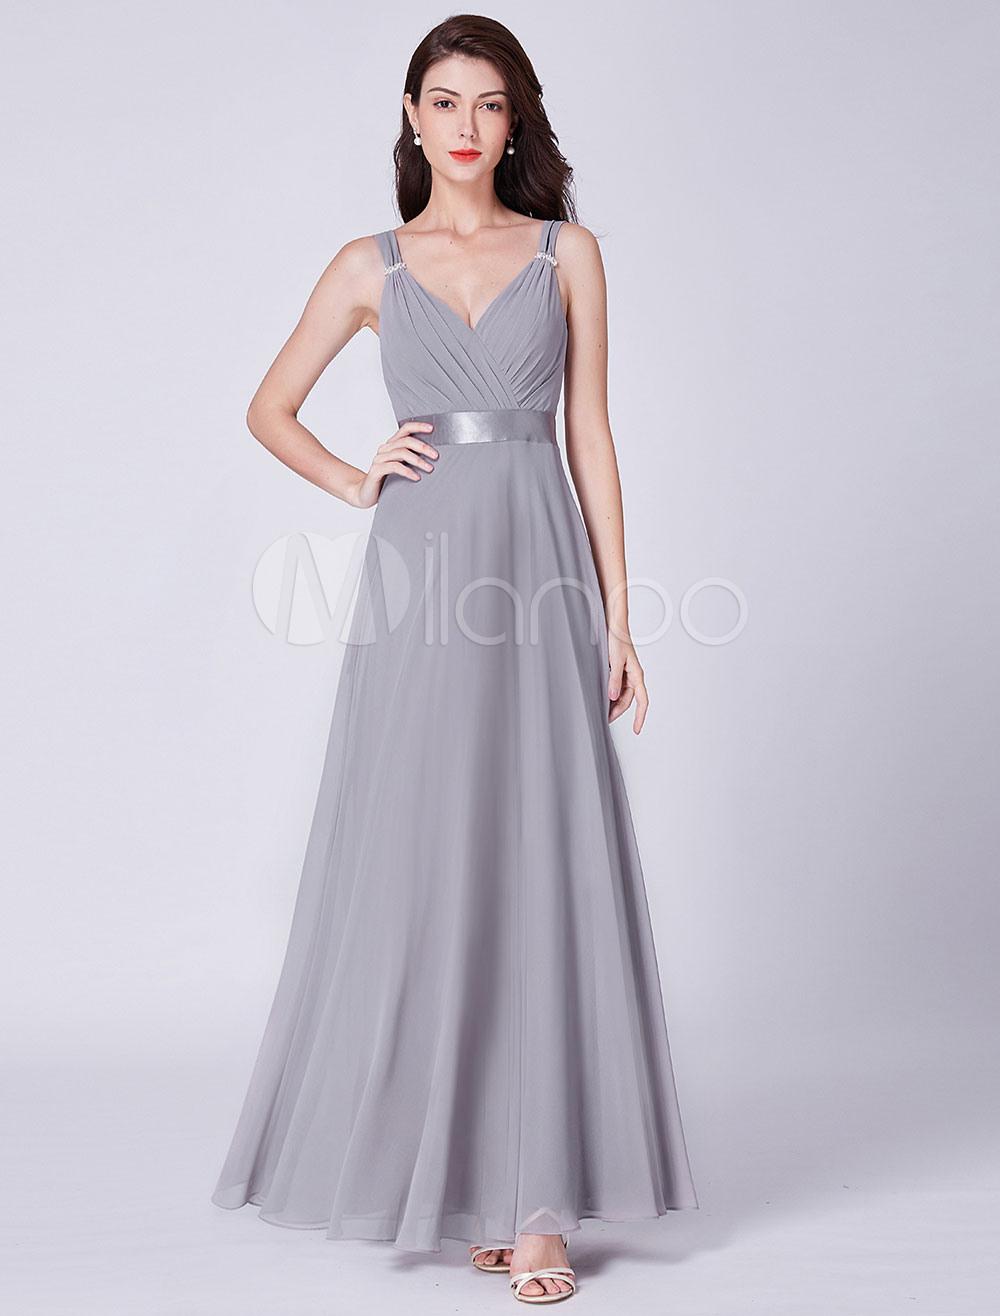 5 Einfach Graue Kleider Für Hochzeit Spezialgebiet - Abendkleid